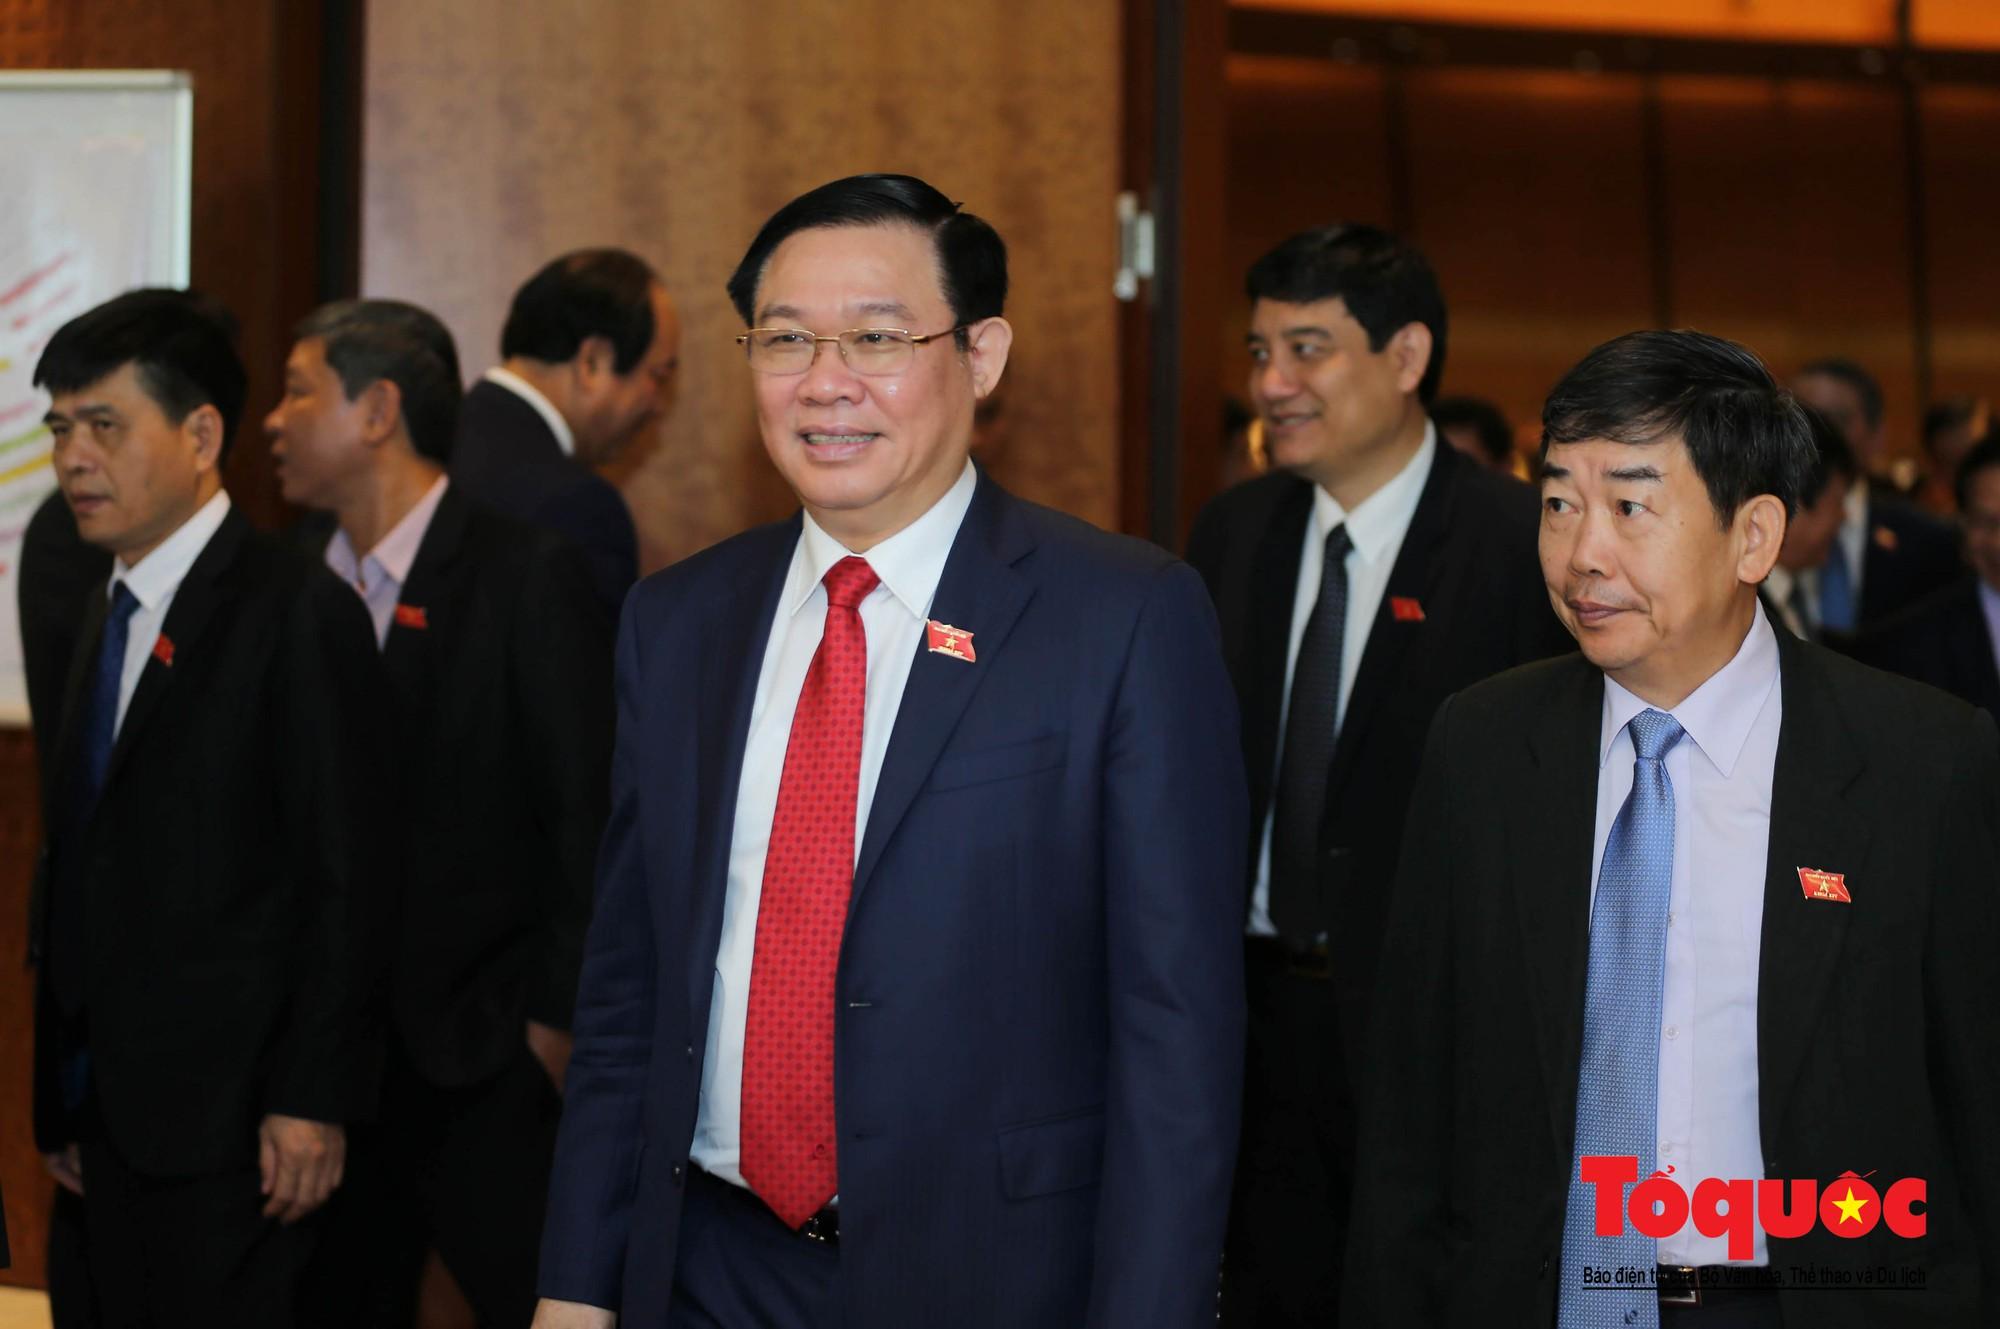 ĐBQH bên hành lang ngày khai mạc kỳ họp thứ 8, Quốc hội khóa XIV (6)